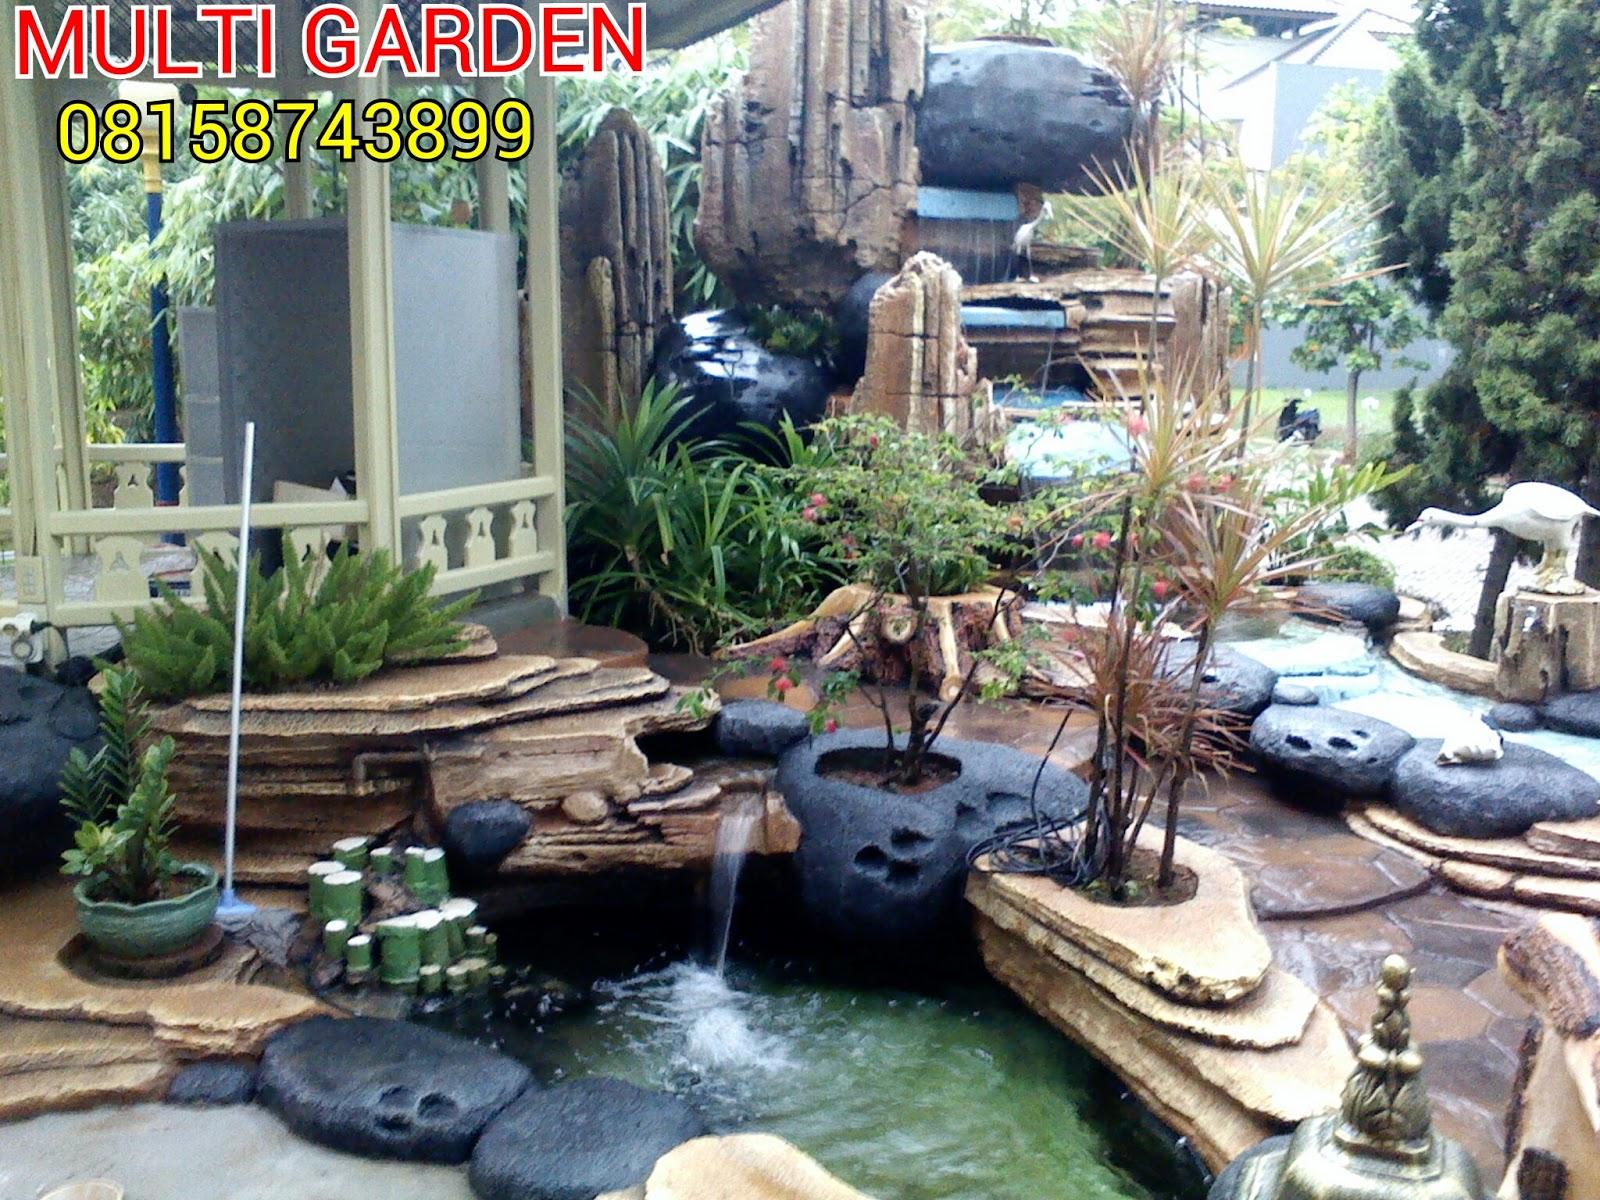 multi garden tukang taman jakarta jakarta barat